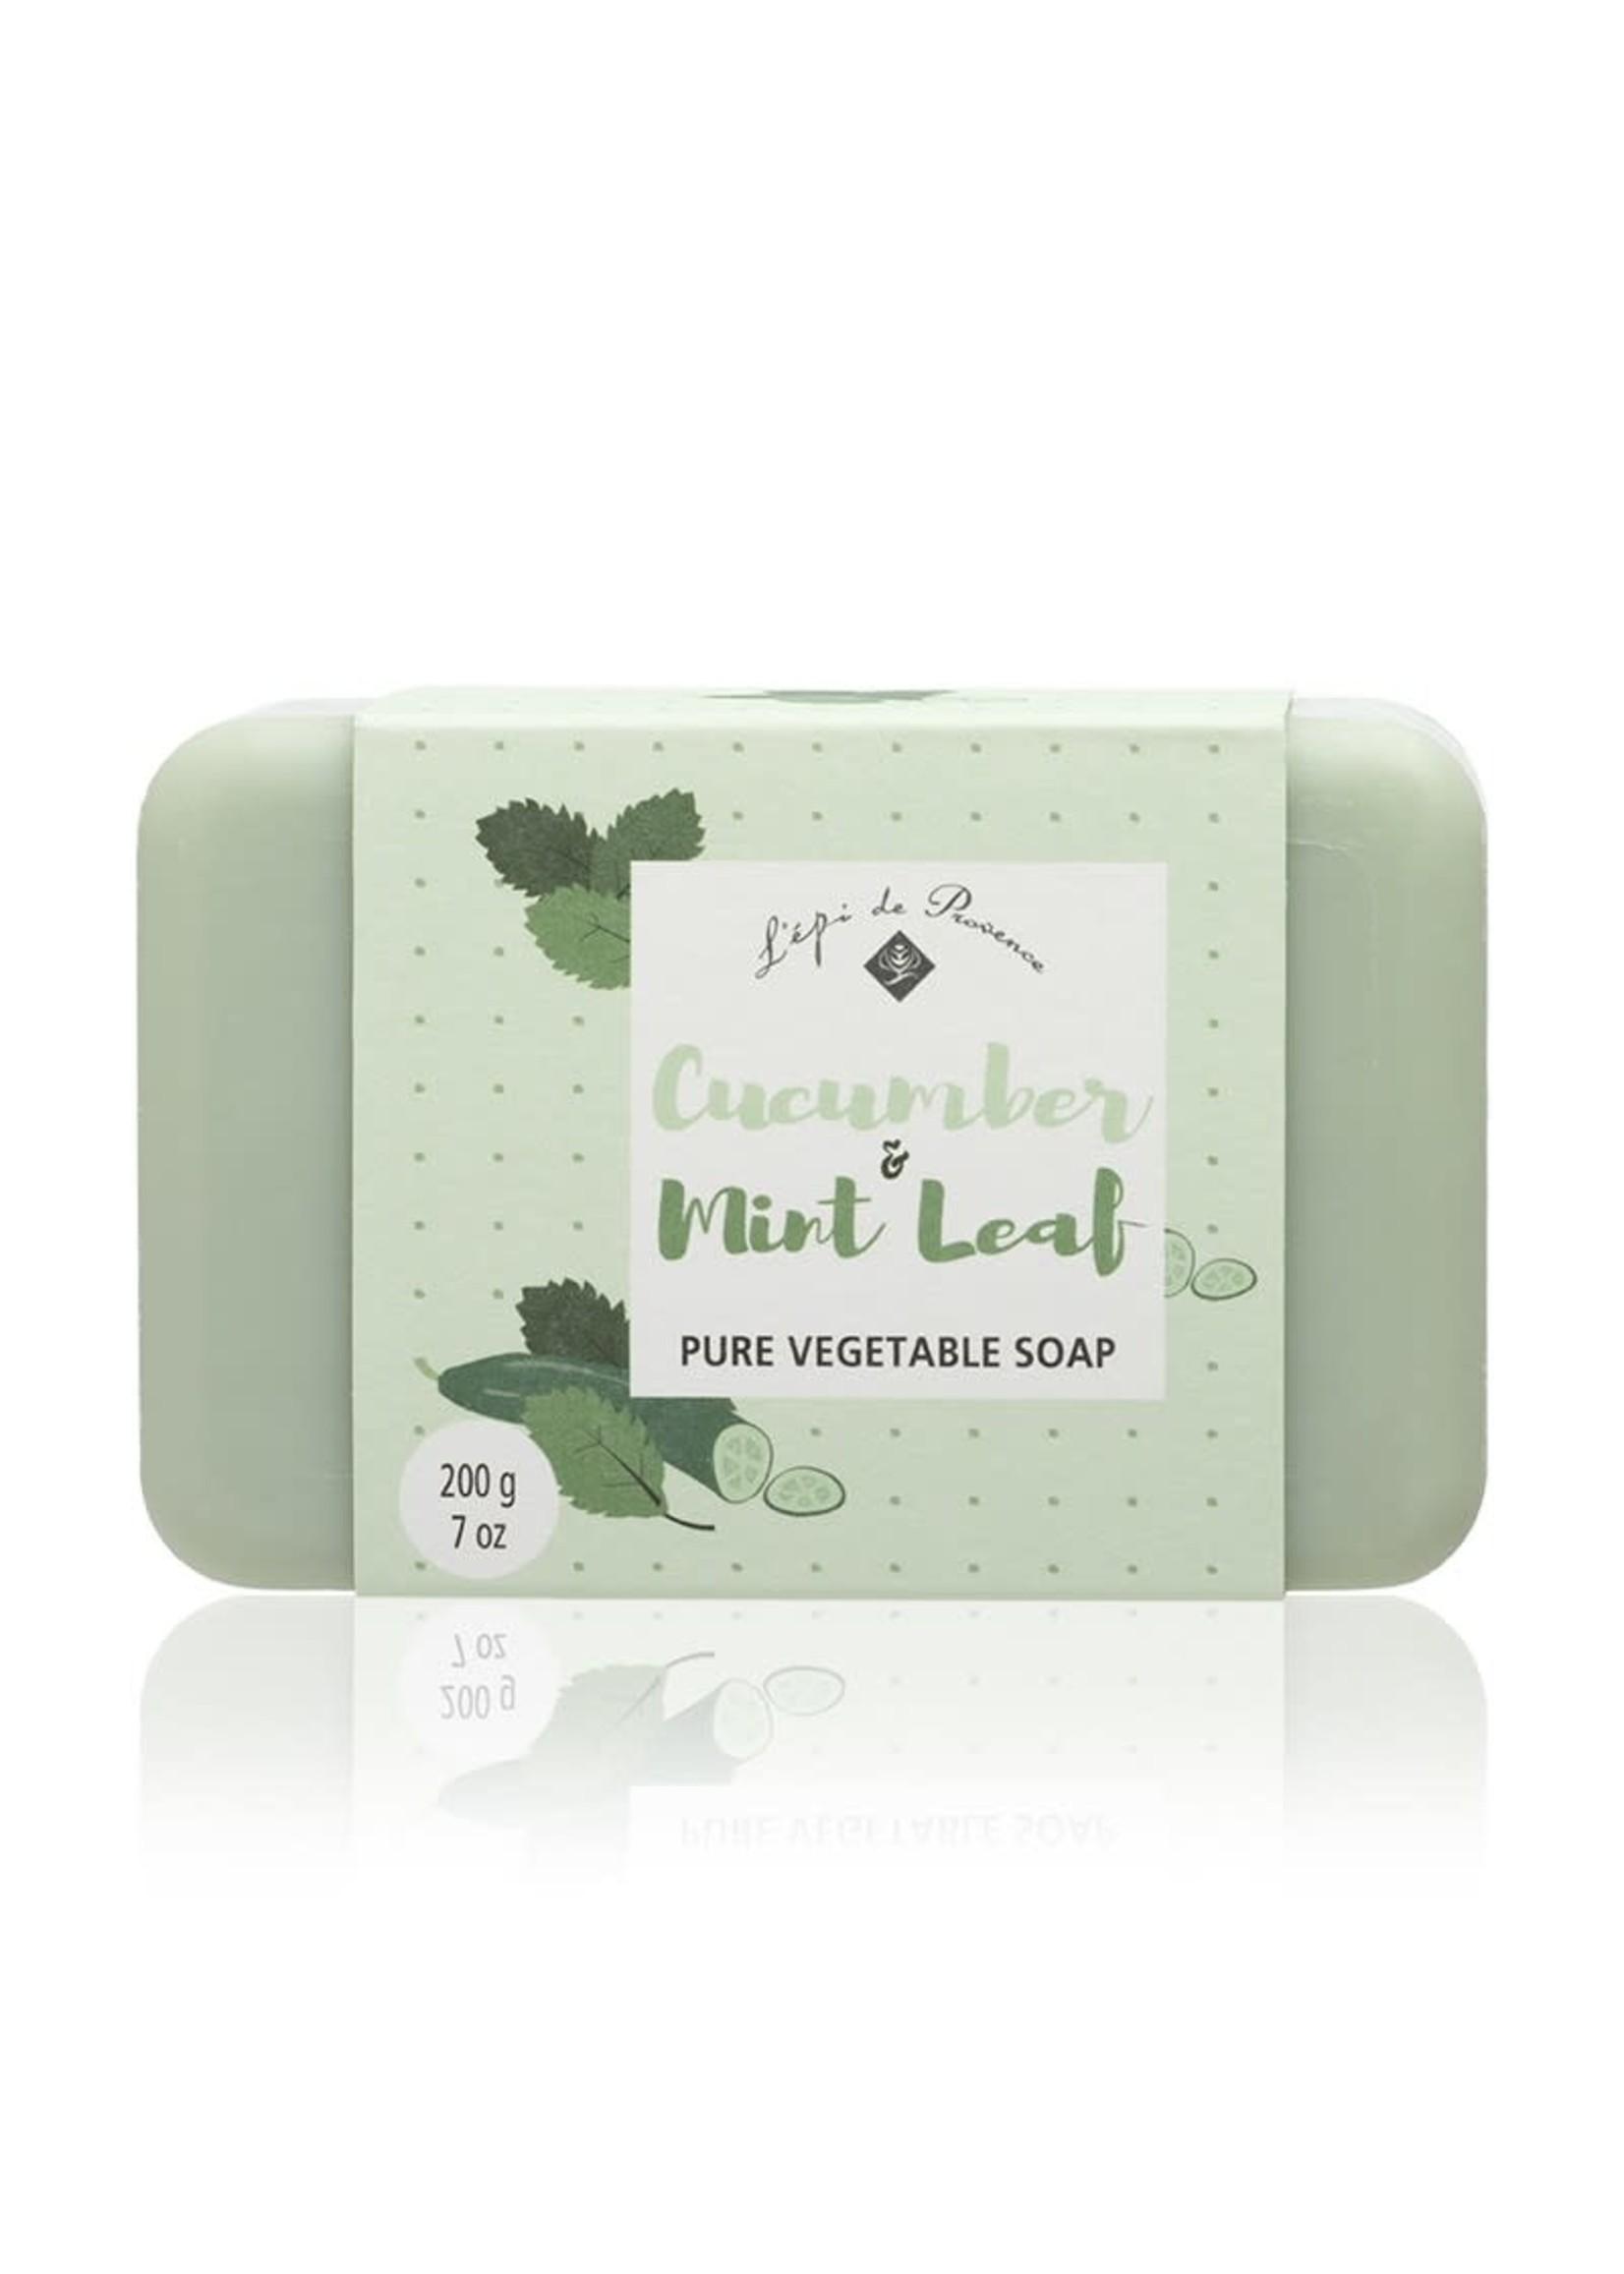 Echo France Soap Cucumber & Mint Leaf 200g Soap